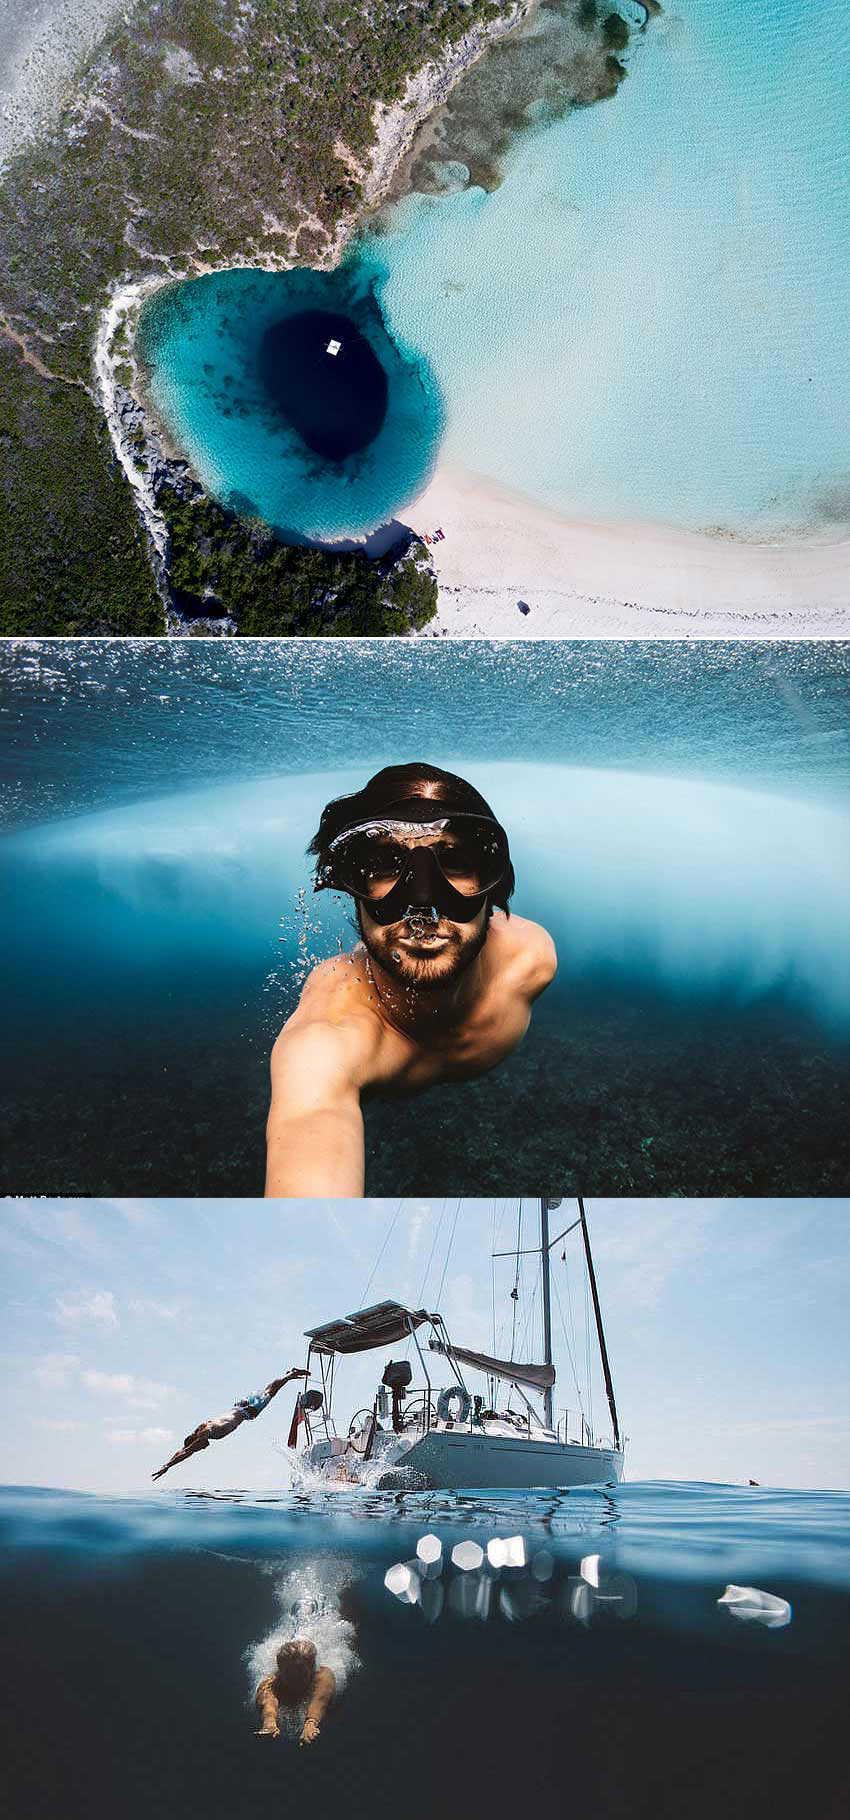 Matt Porteous Water Shots